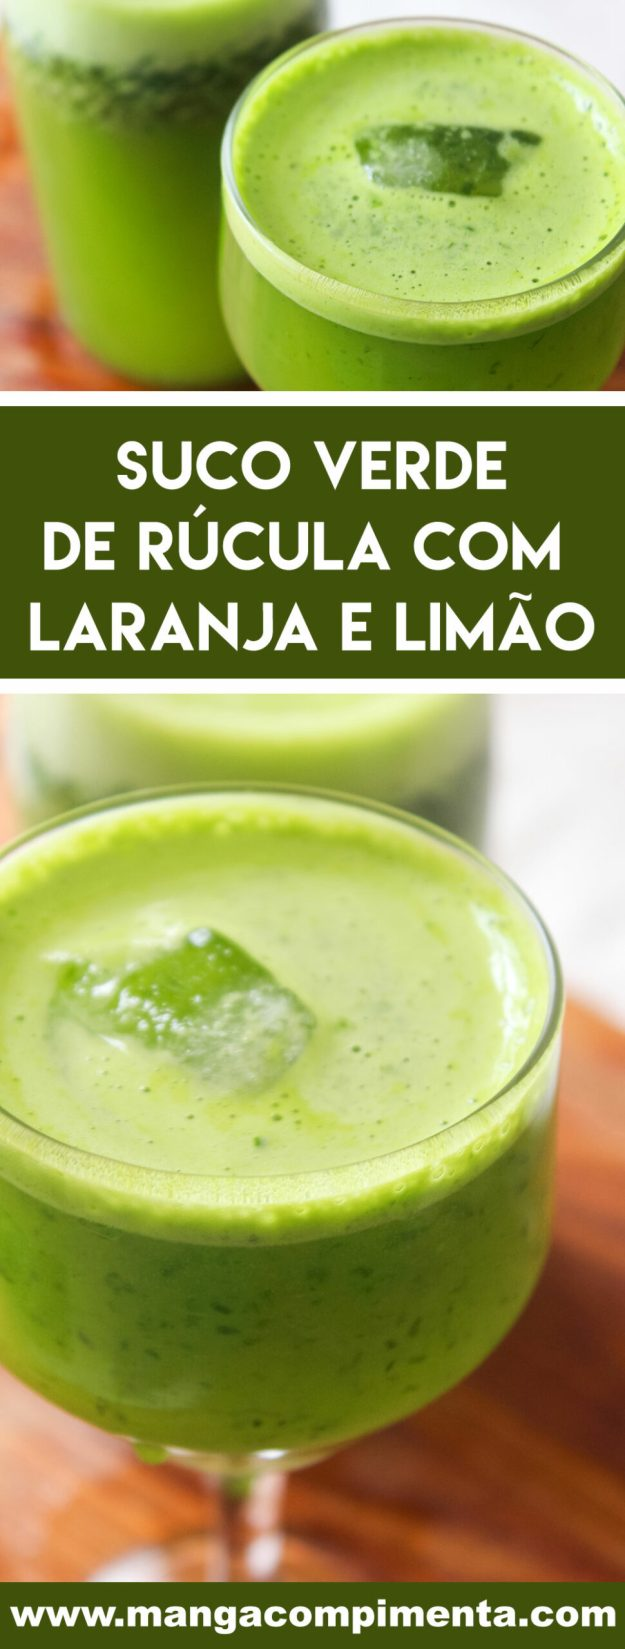 Receita de Suco Verde de Rúcula com Laranja e Limão - uma bebida nutritiva para começar bem o dia!